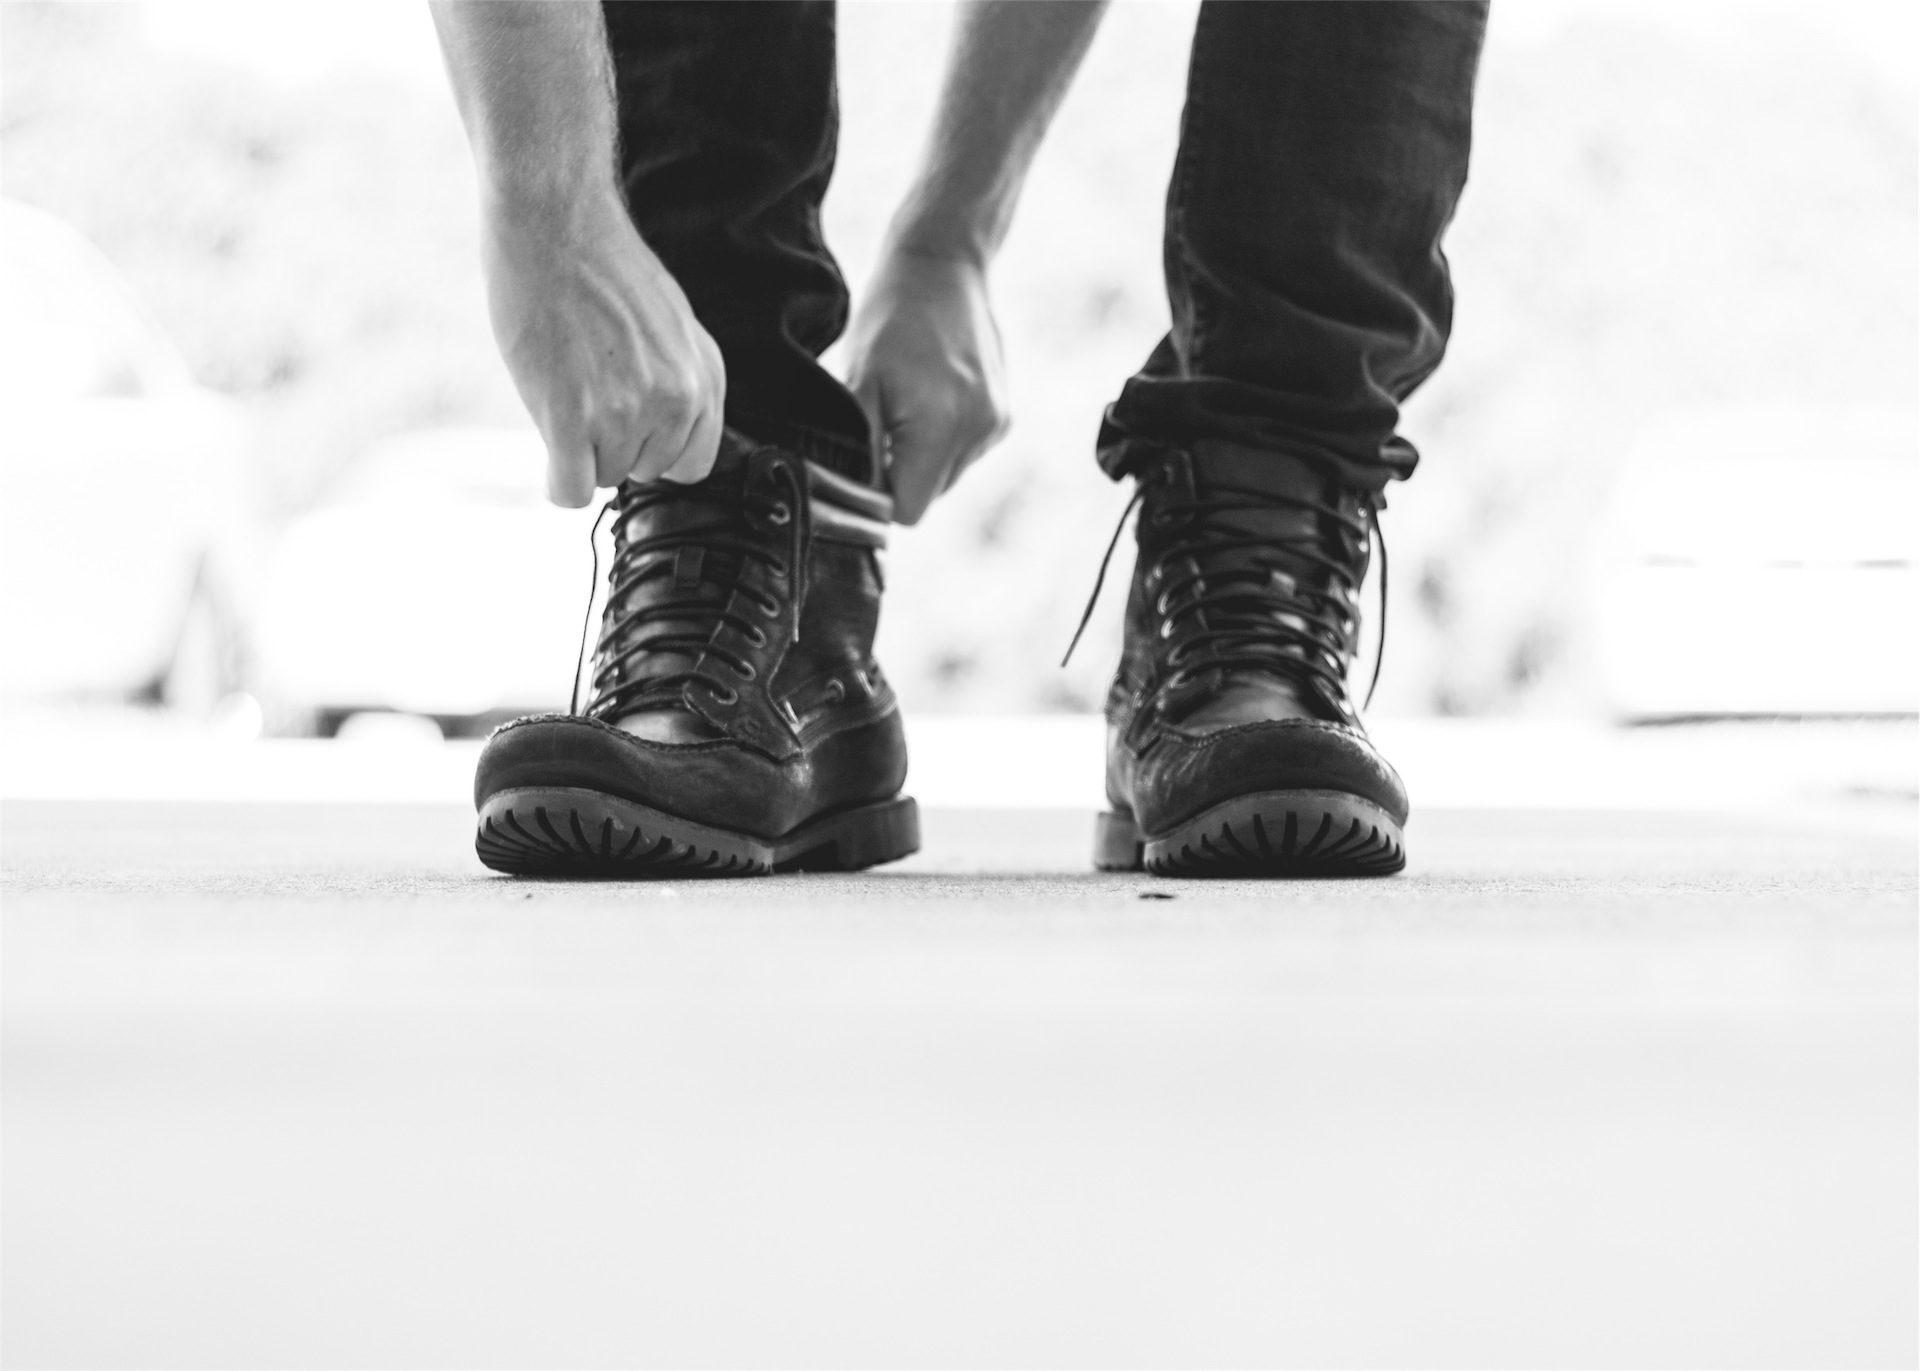 zapatos, आद�जूते botas, वस्त्र, श्वेत और श्याम में - HD वॉलपेपर - प्रोफेसर-falken.com